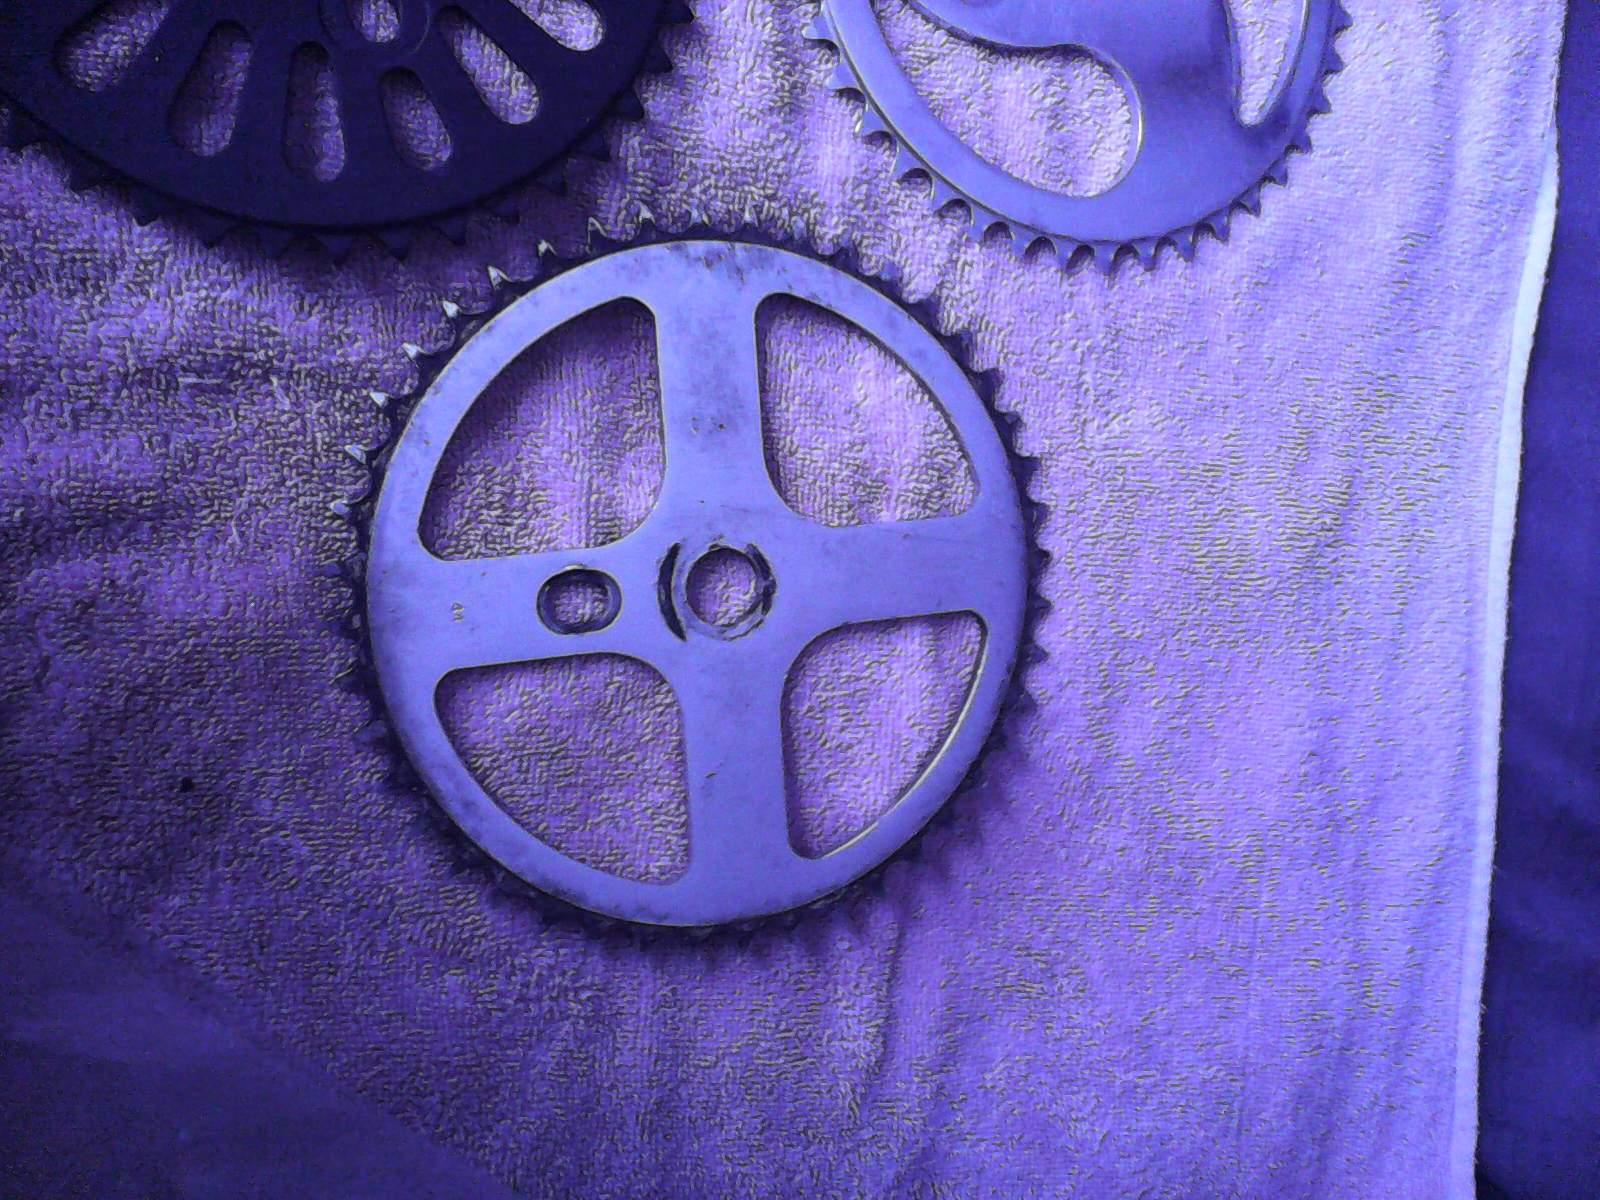 http://uploads.bmxmuseum.com/user-images/207648/img_20180113_1335575a5a53d9de.jpg